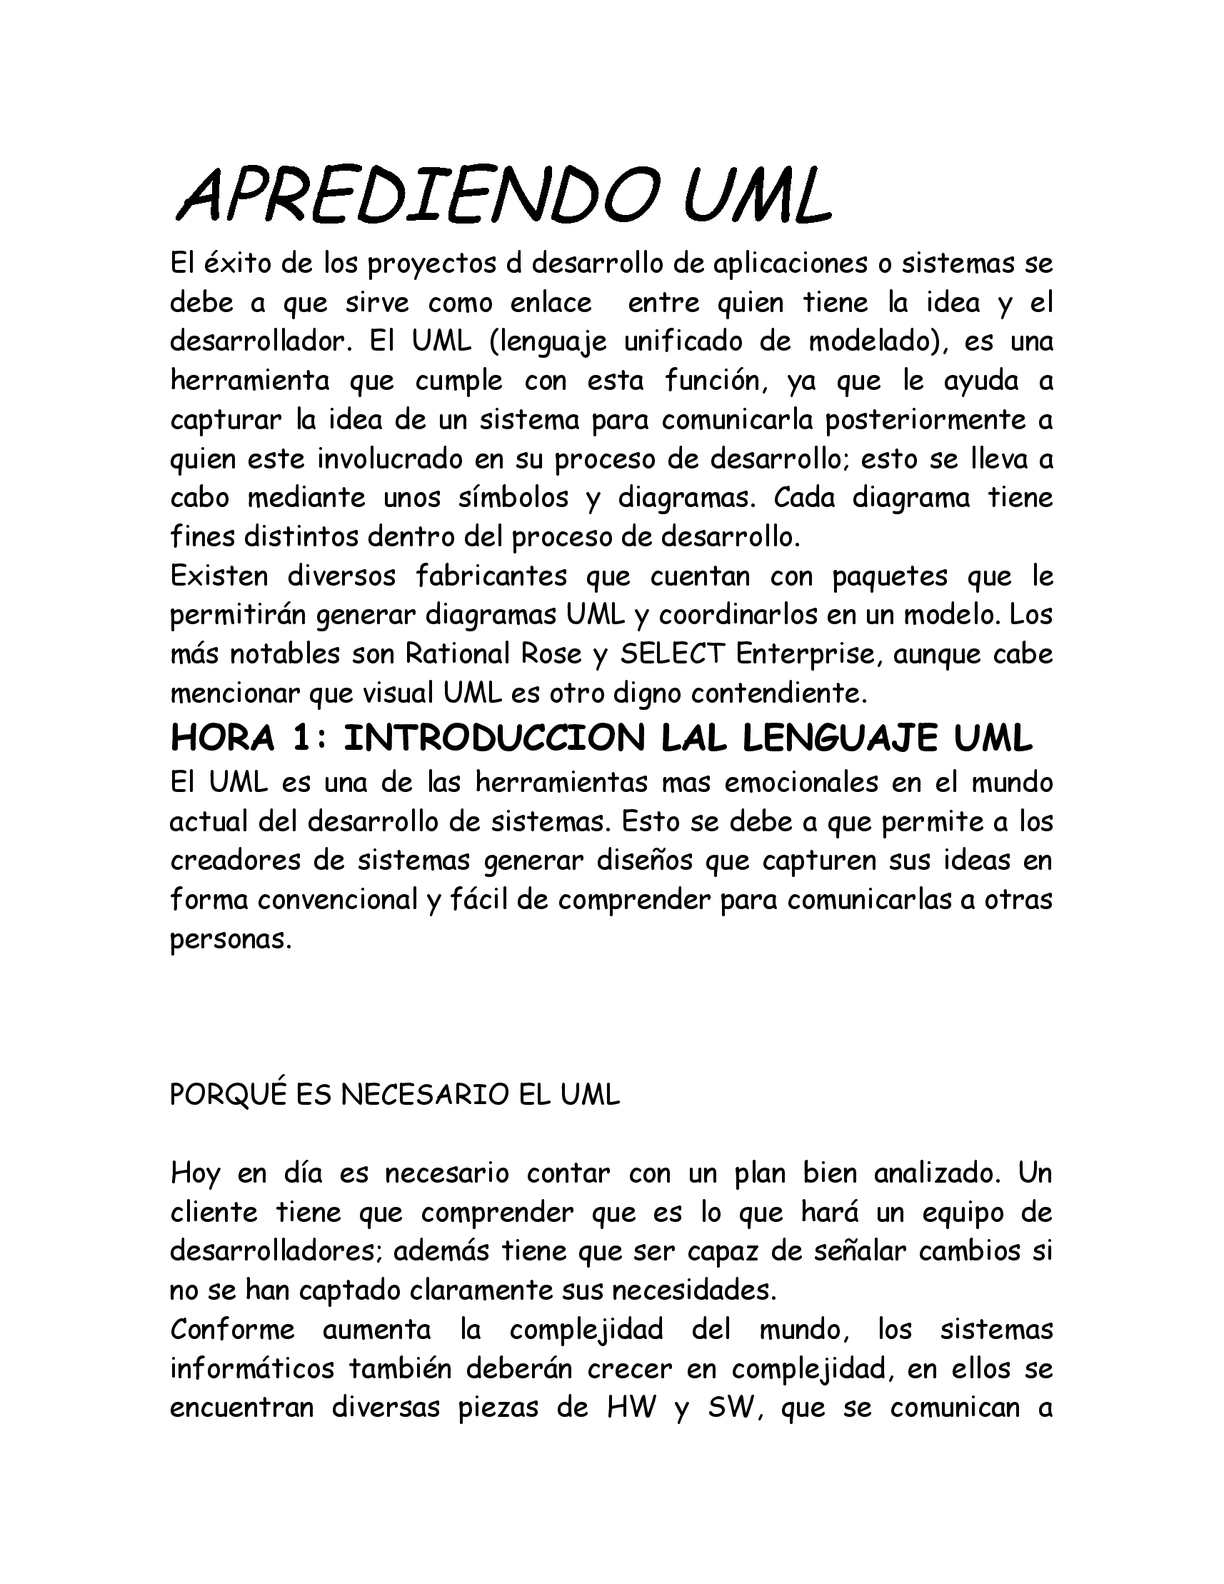 APRENDIENDO UML DE MANERA FACIL Y RAPIDA